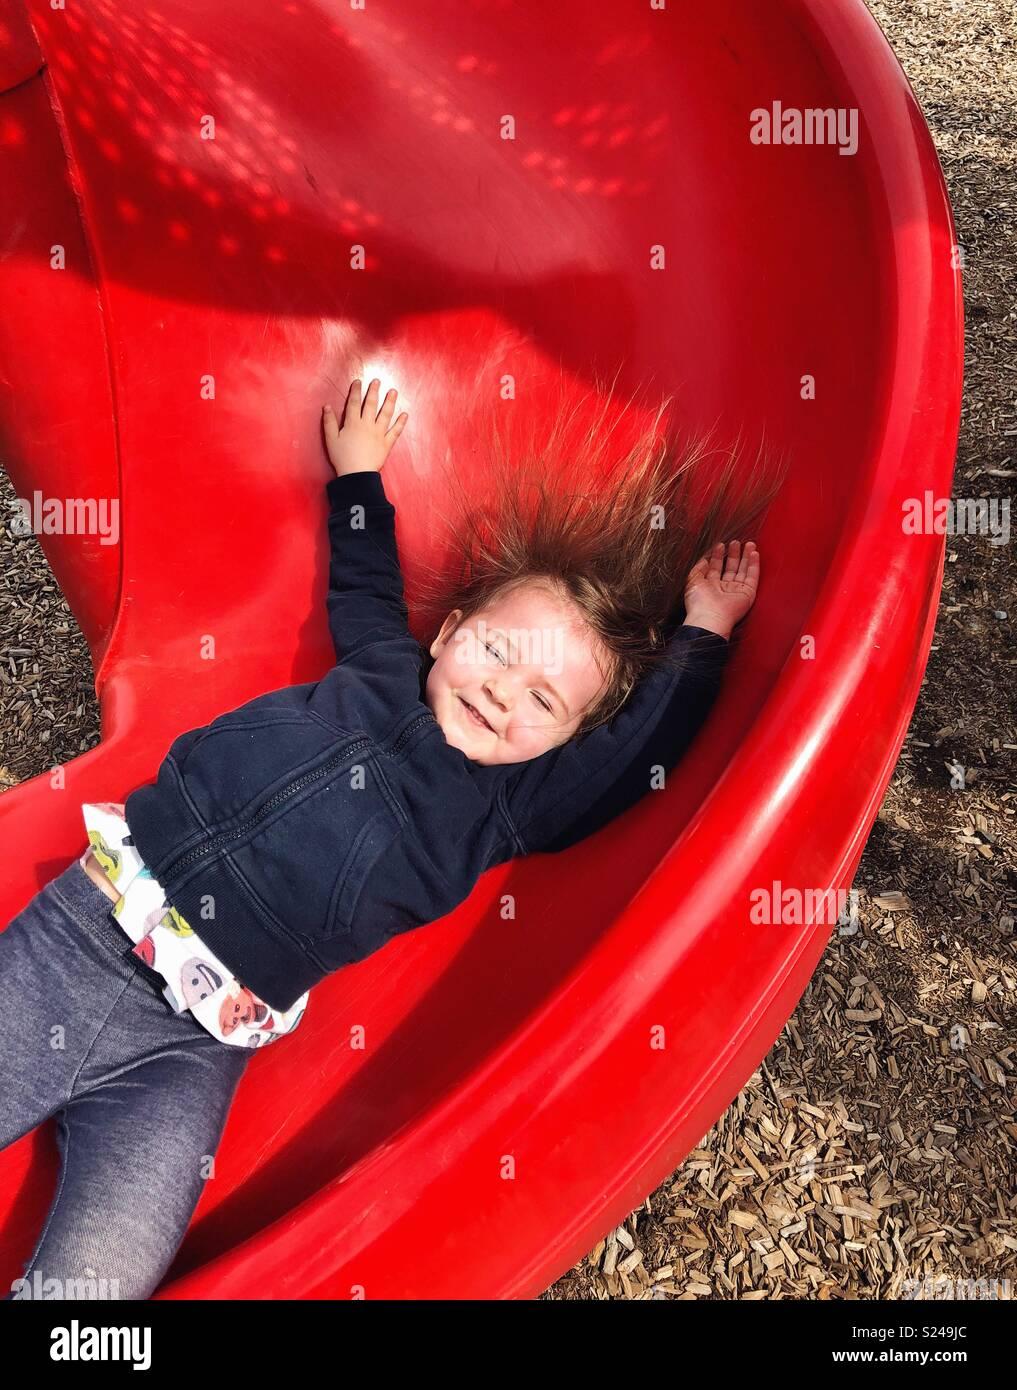 Aktion Bild von Toddler girl herunter rutscht, rote Folie mit Armen und Haaren bis klemmt Stockfoto